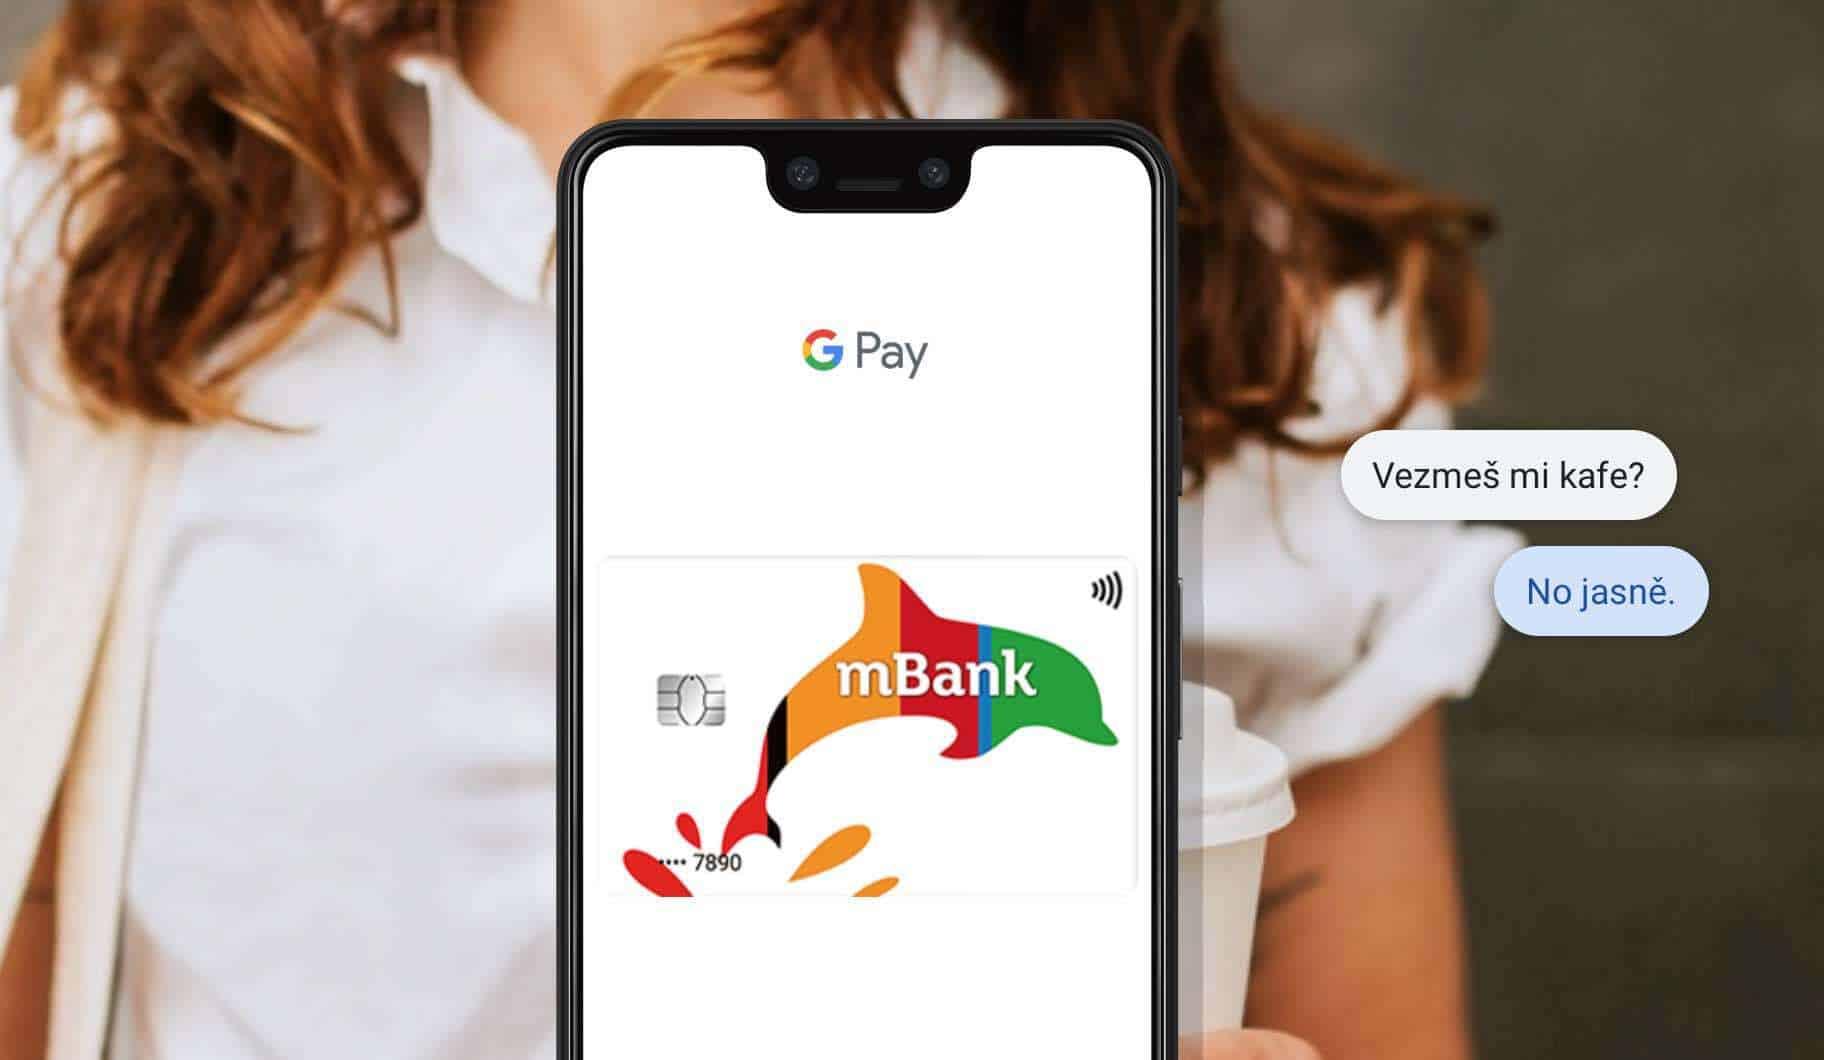 Tmavý režim (DarkMode) je nově dostupný v aplikaci Google Pay